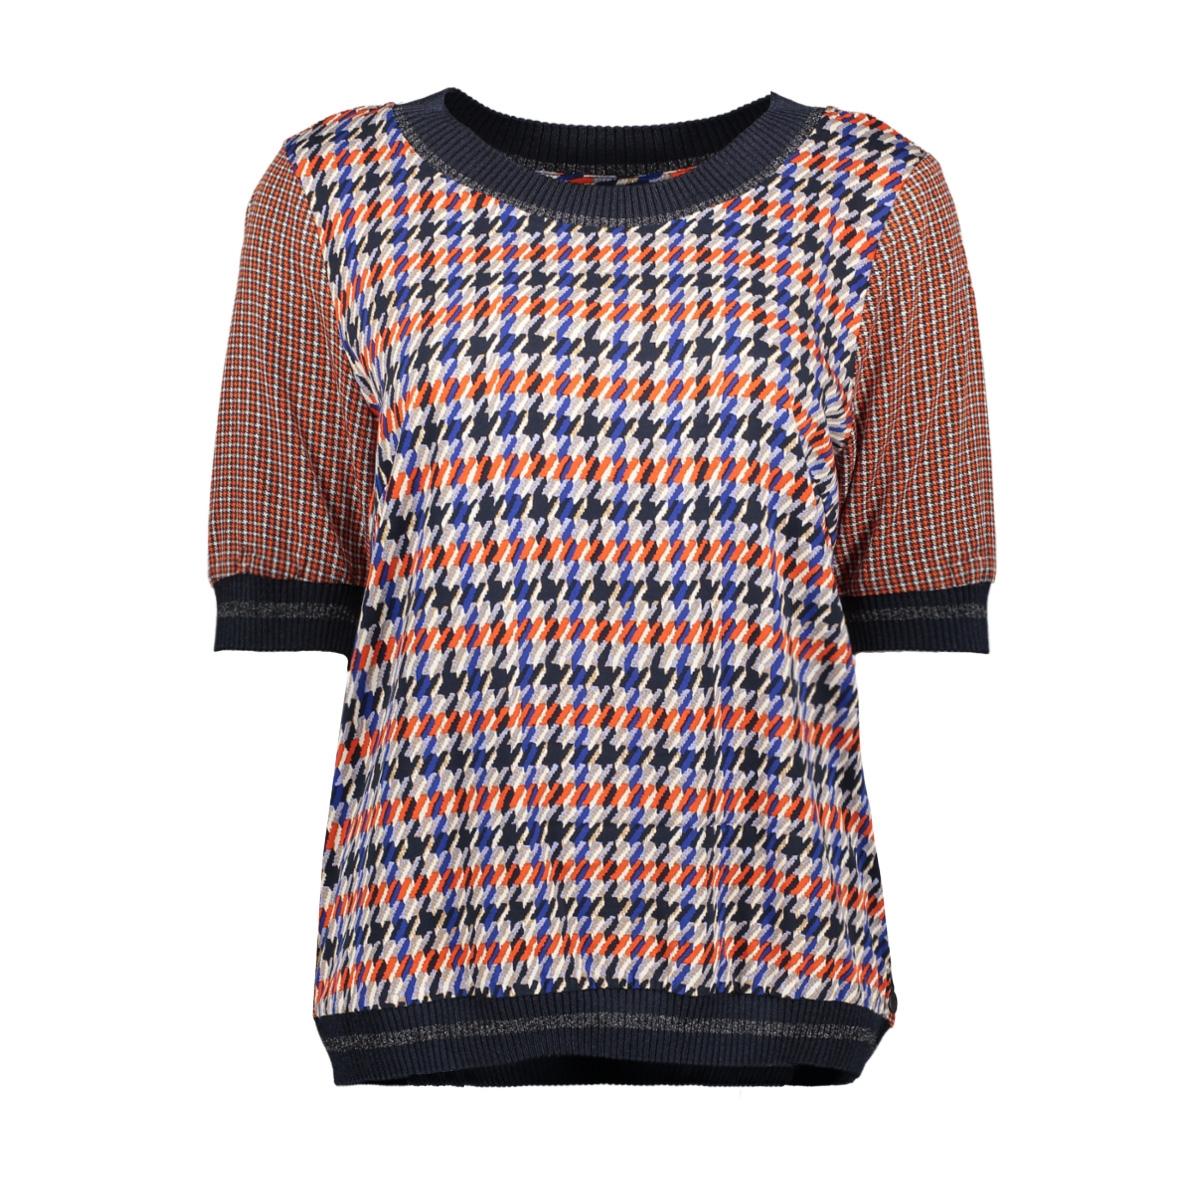 top met pied de poule patroon 22001756 sandwich t-shirt 40153